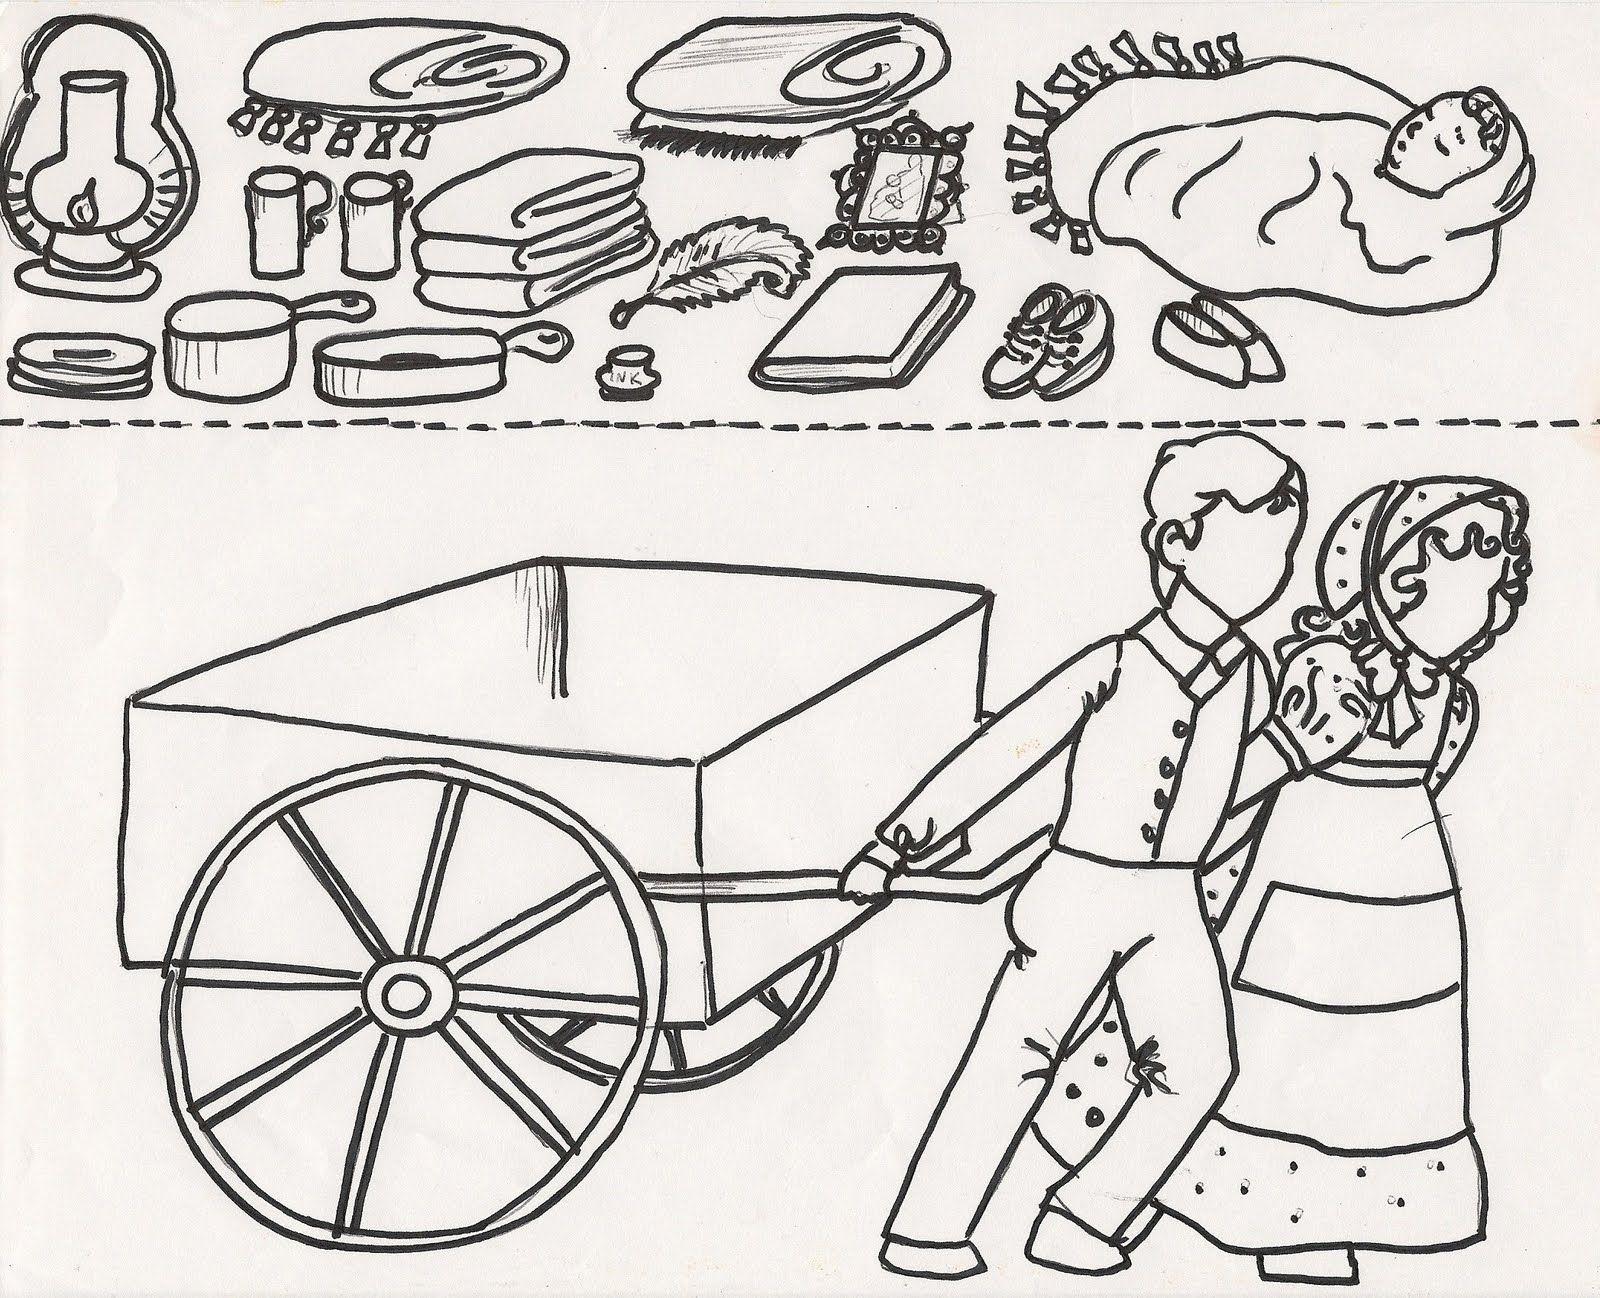 pioneer handcart clipart.